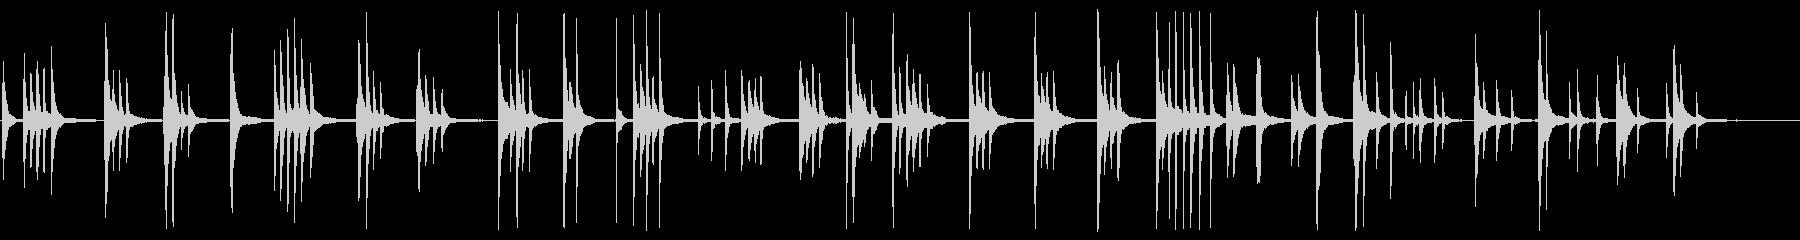 繊細で儚くシンプルなピアノソロの未再生の波形